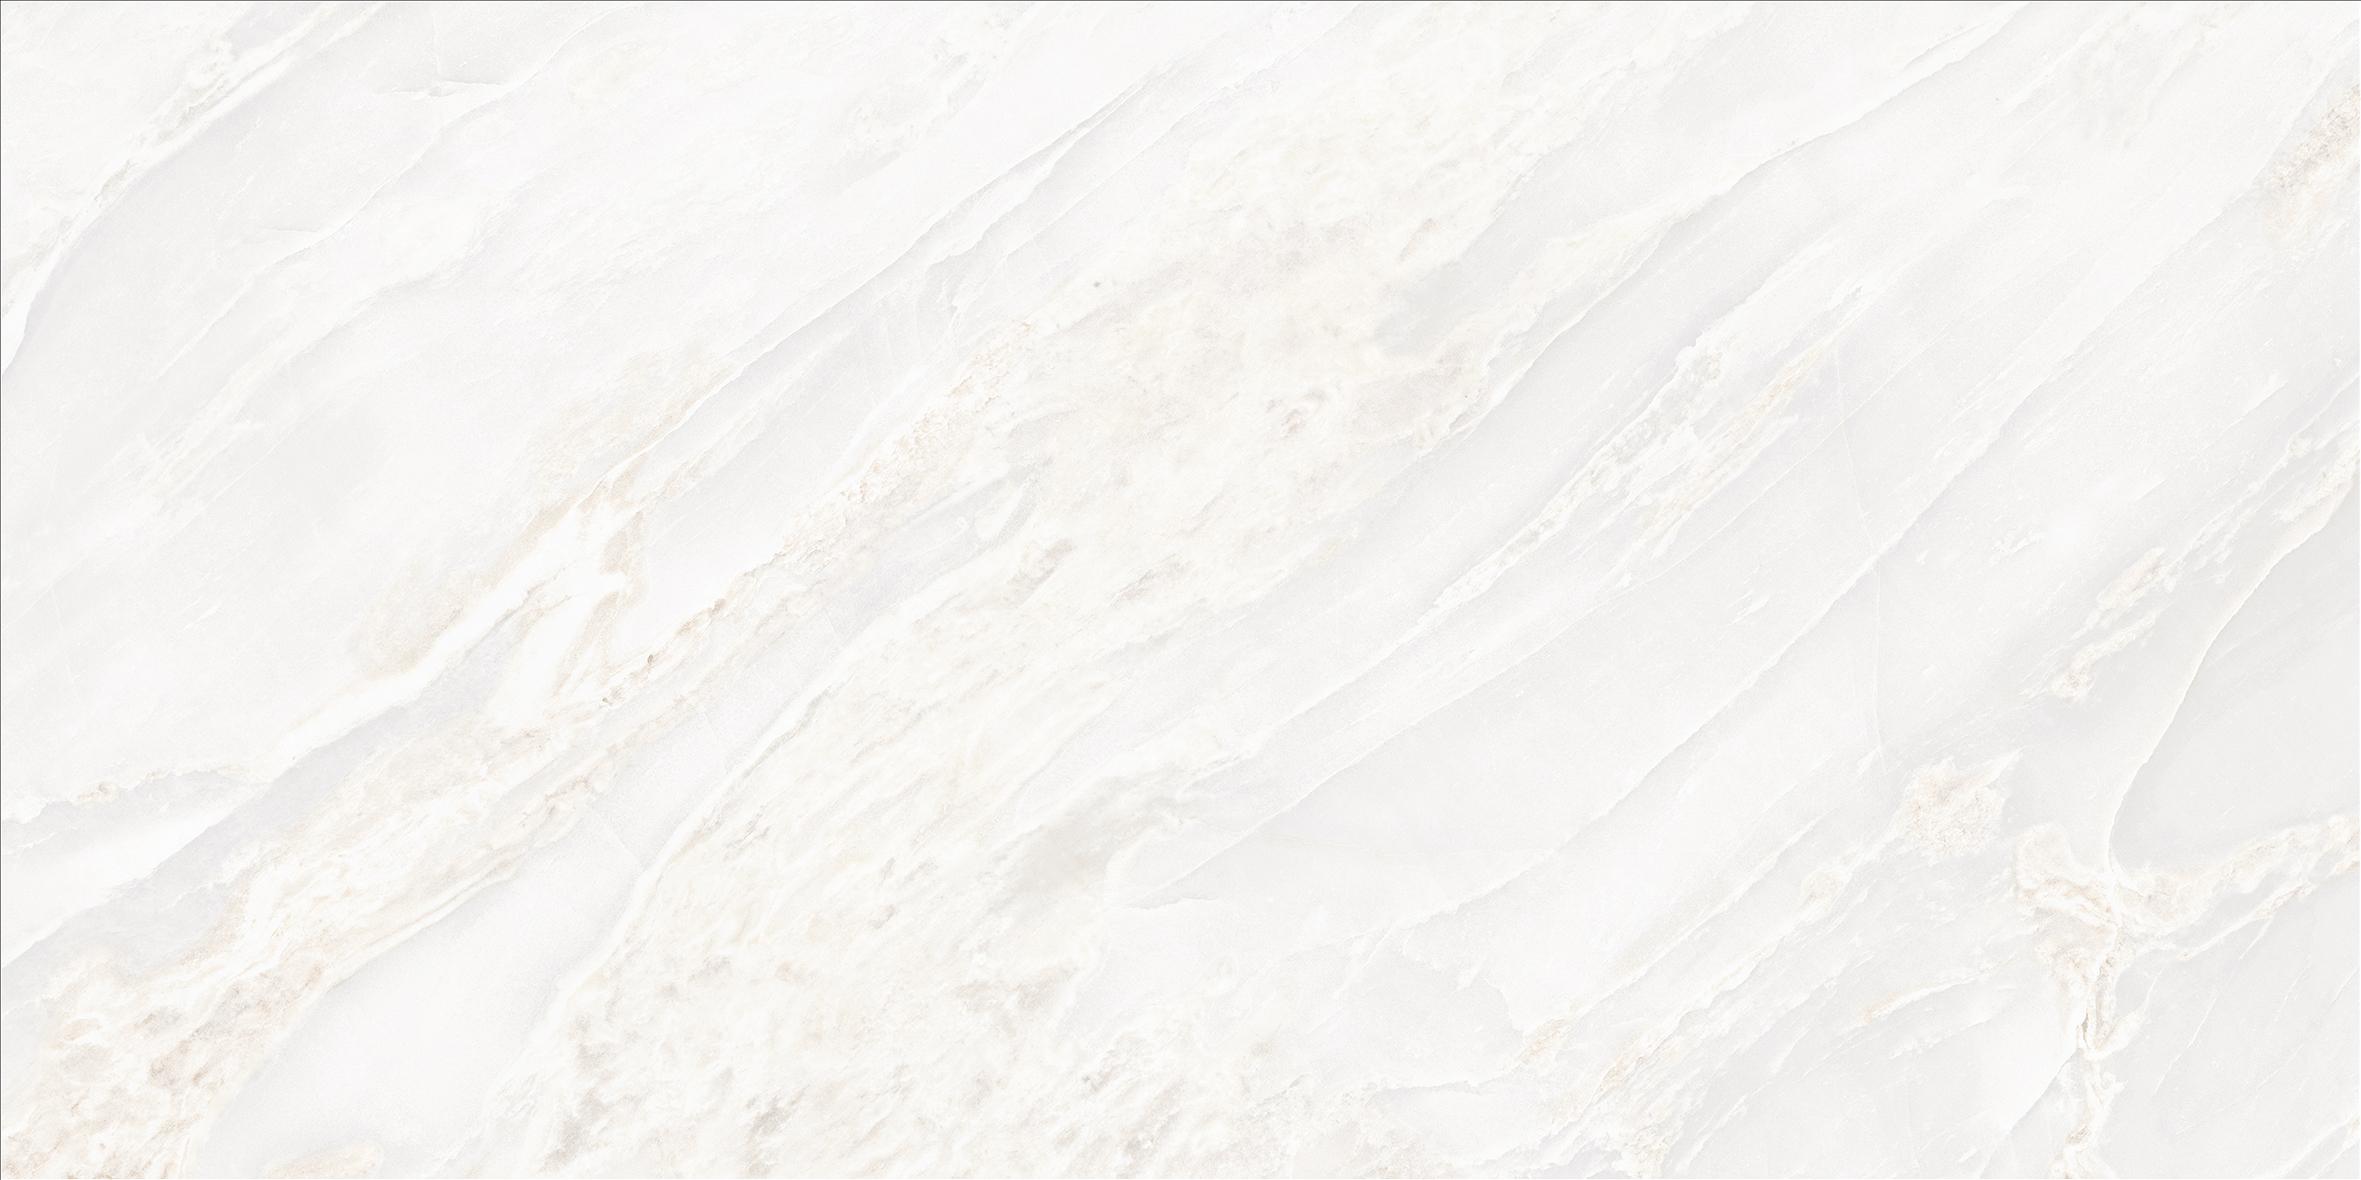 简一大理石瓷砖之皇家白玉